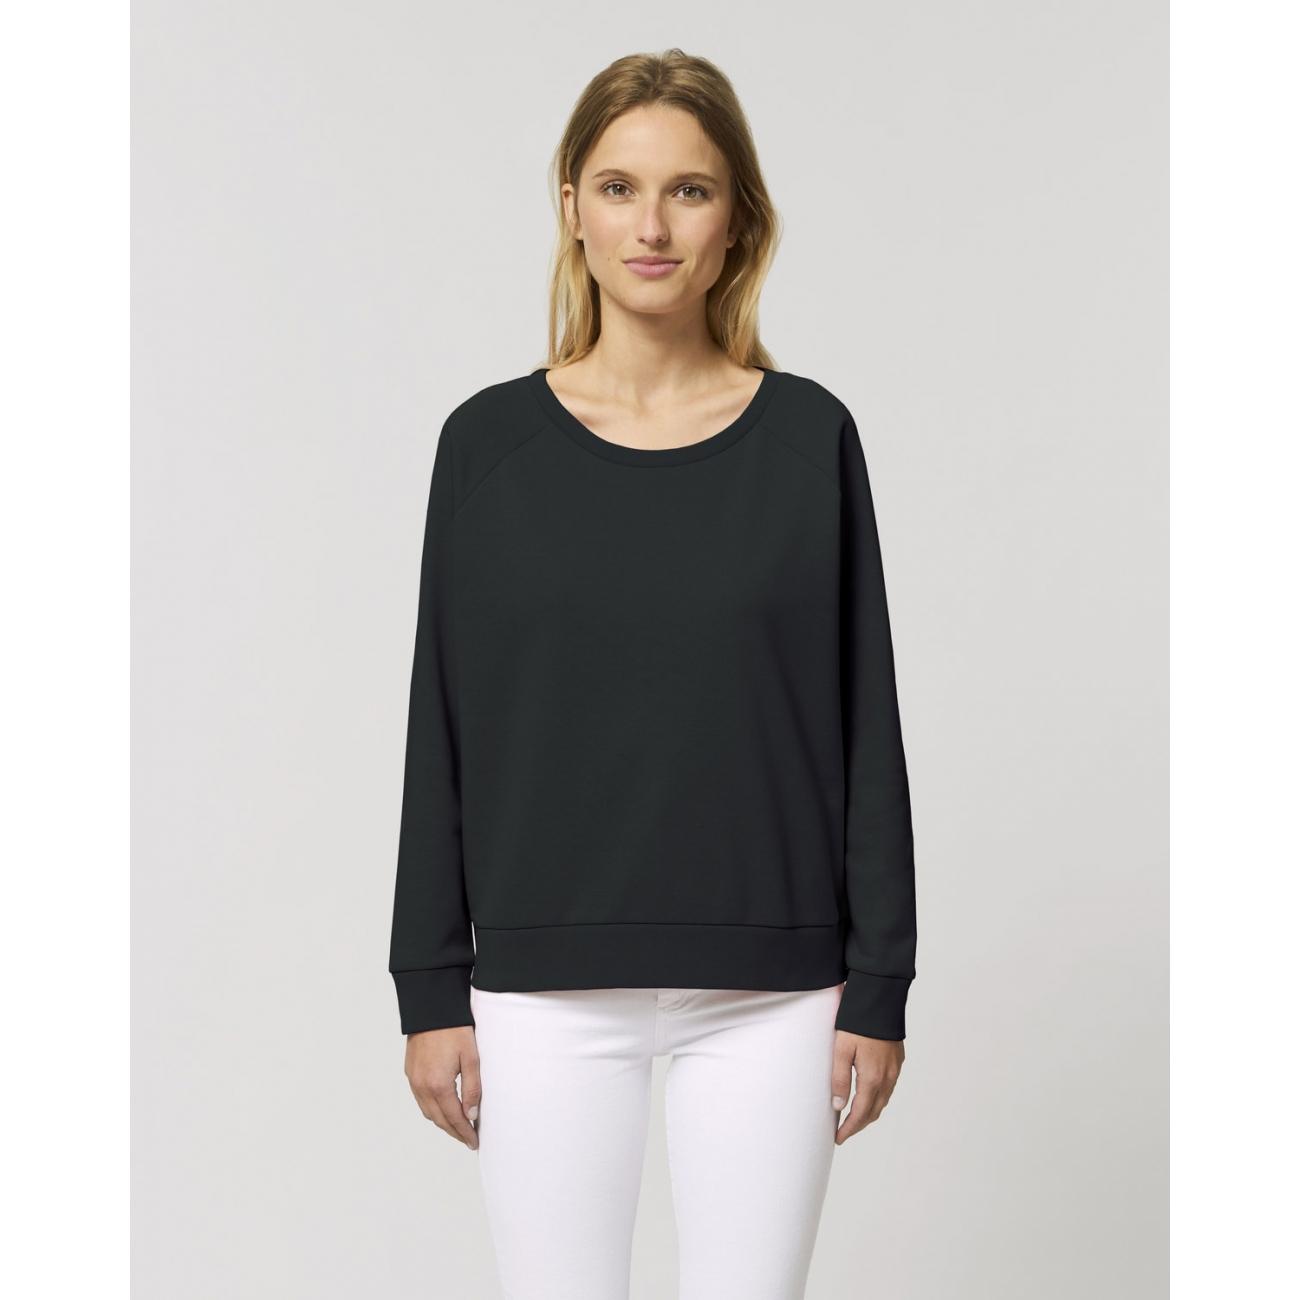 https://tee-shirt-bio.com/8810-thickbox_default/sweat-col-rond-noir-coton-bio-ethique-stella-dazzler.jpg